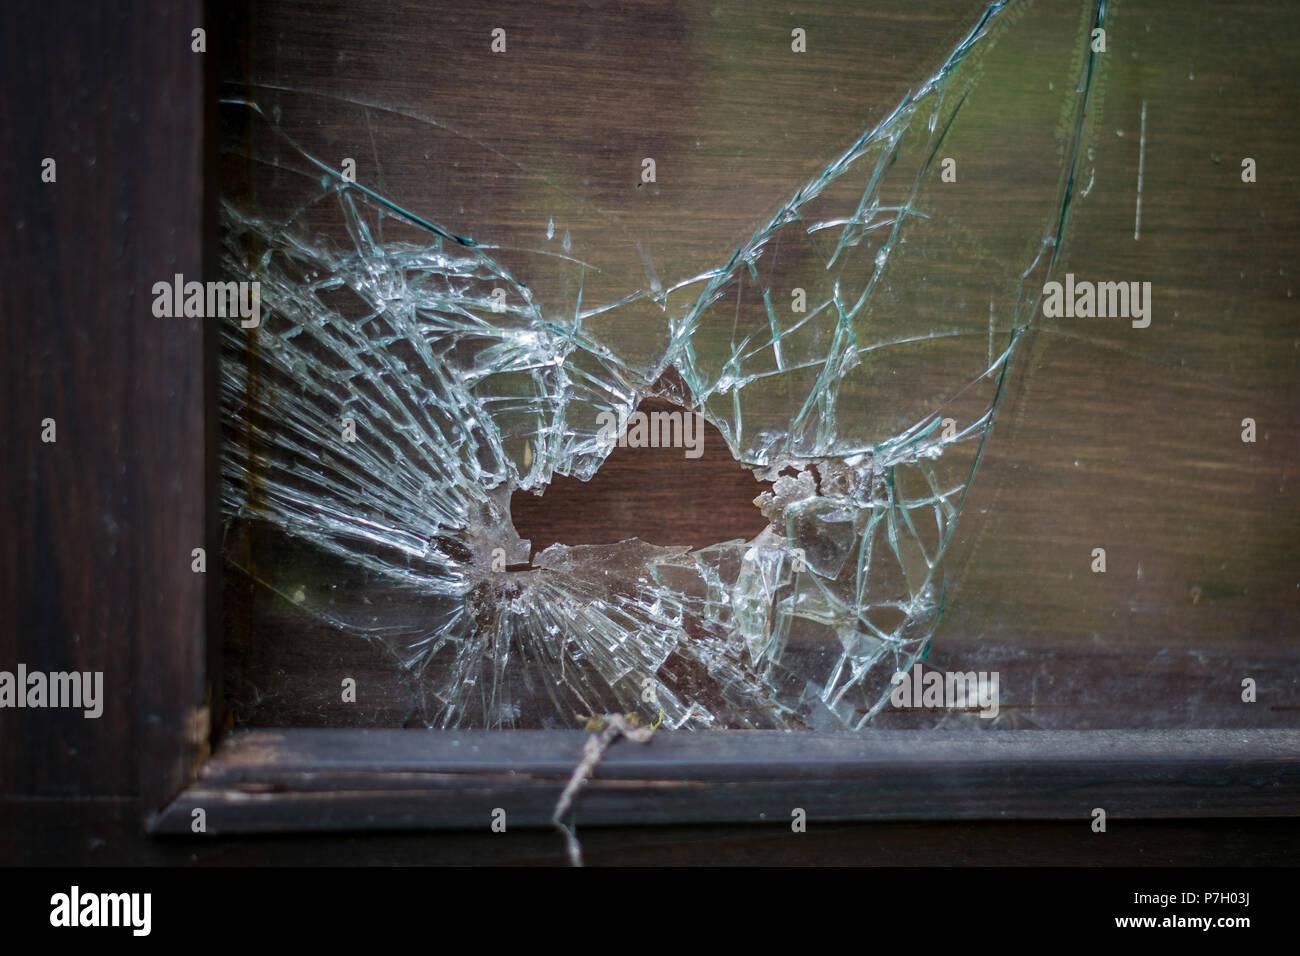 Gebrochenen Rahmen aus Glas Stockfoto, Bild: 211200294 - Alamy